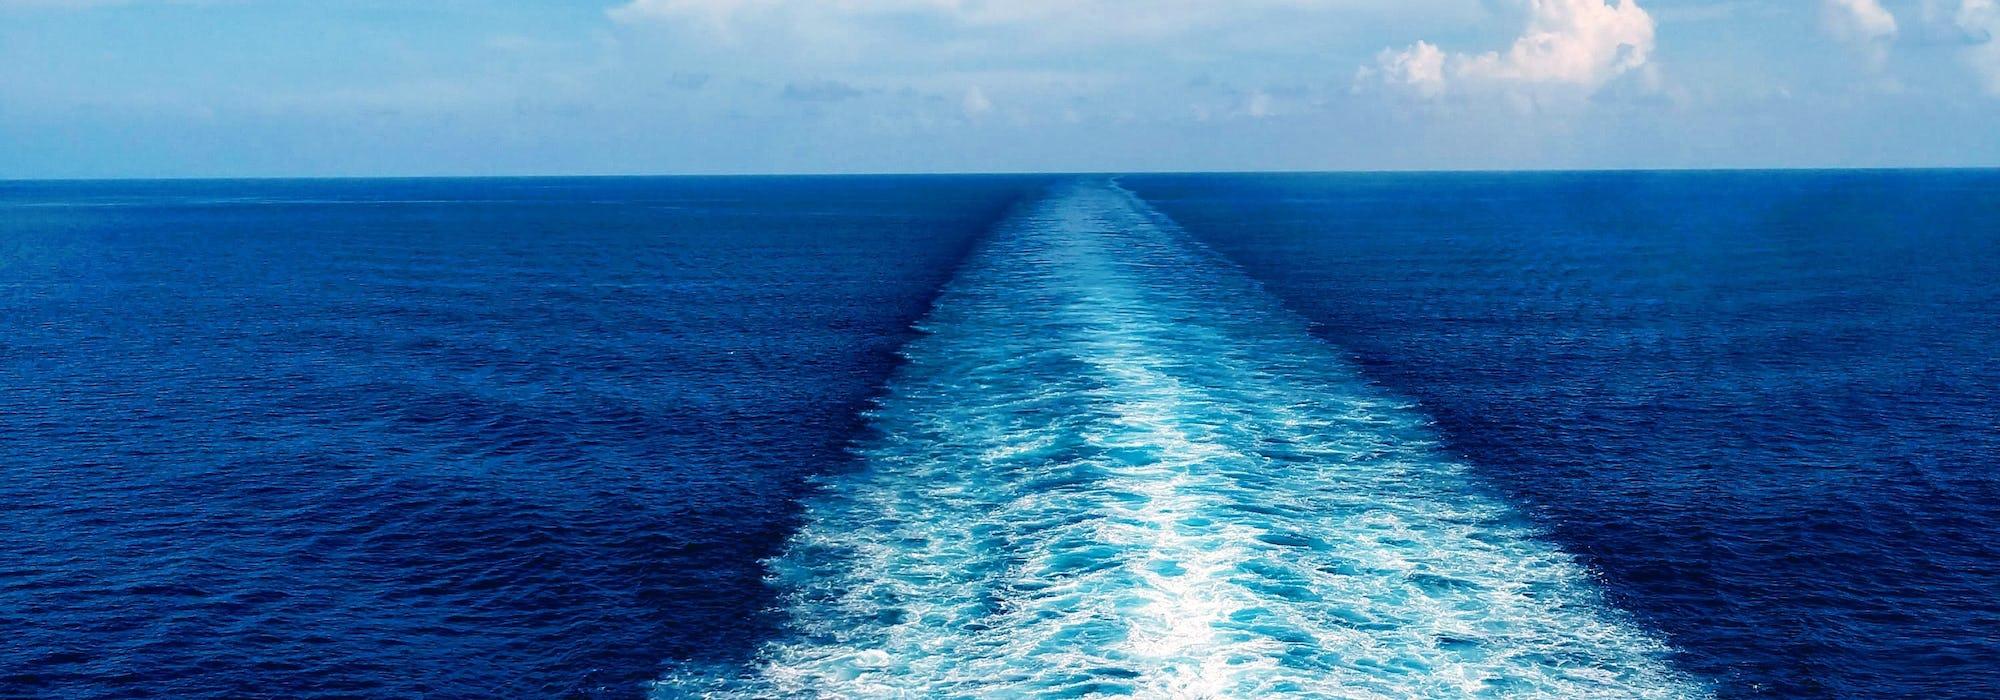 Atlantin valtameri